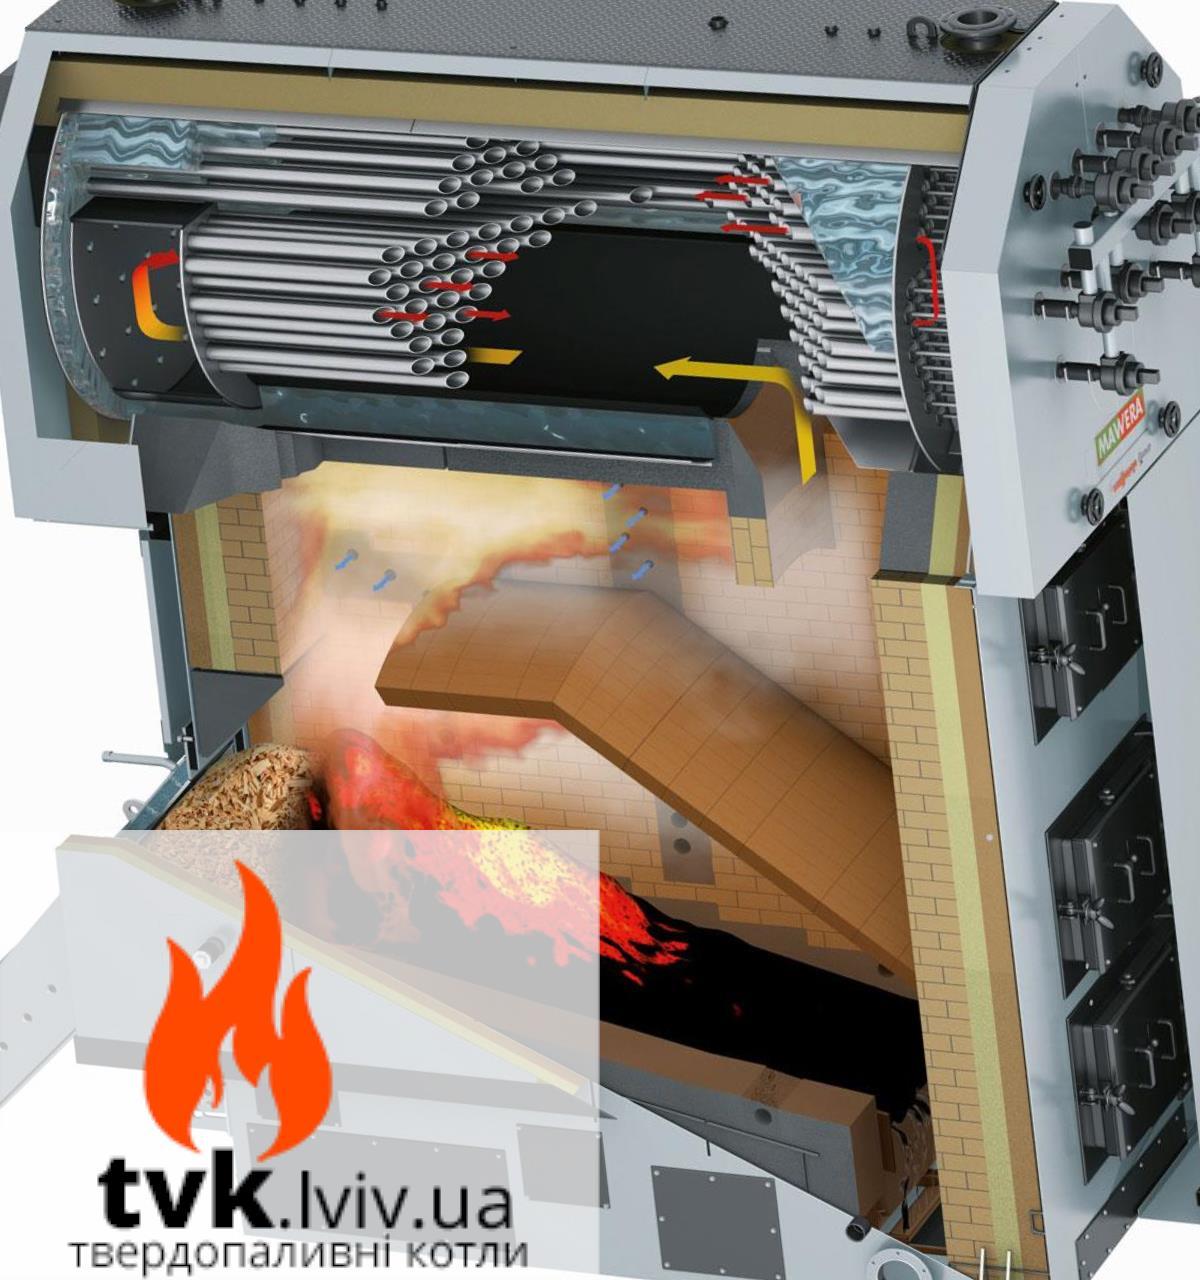 Українські твердопаливні котли ціни